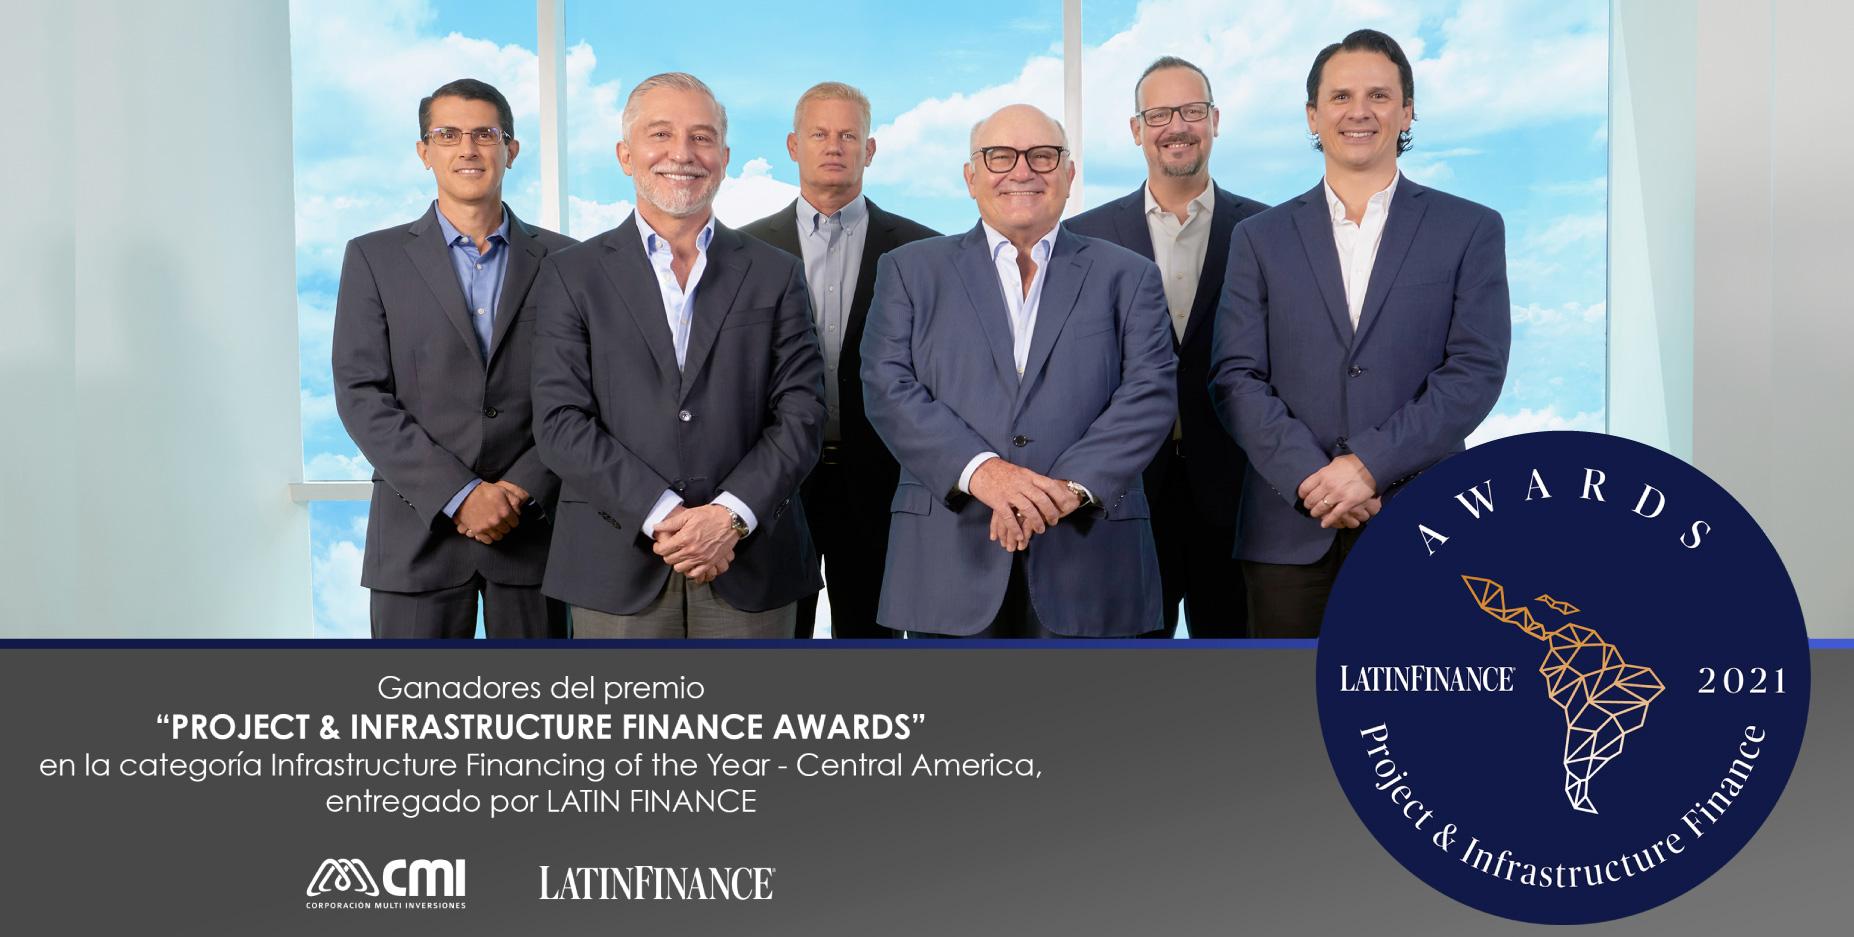 Corporación Multi Inversiones Recibe Reconocido Premio por la Colocación de US$ 700 Millones en Bonos Verdes